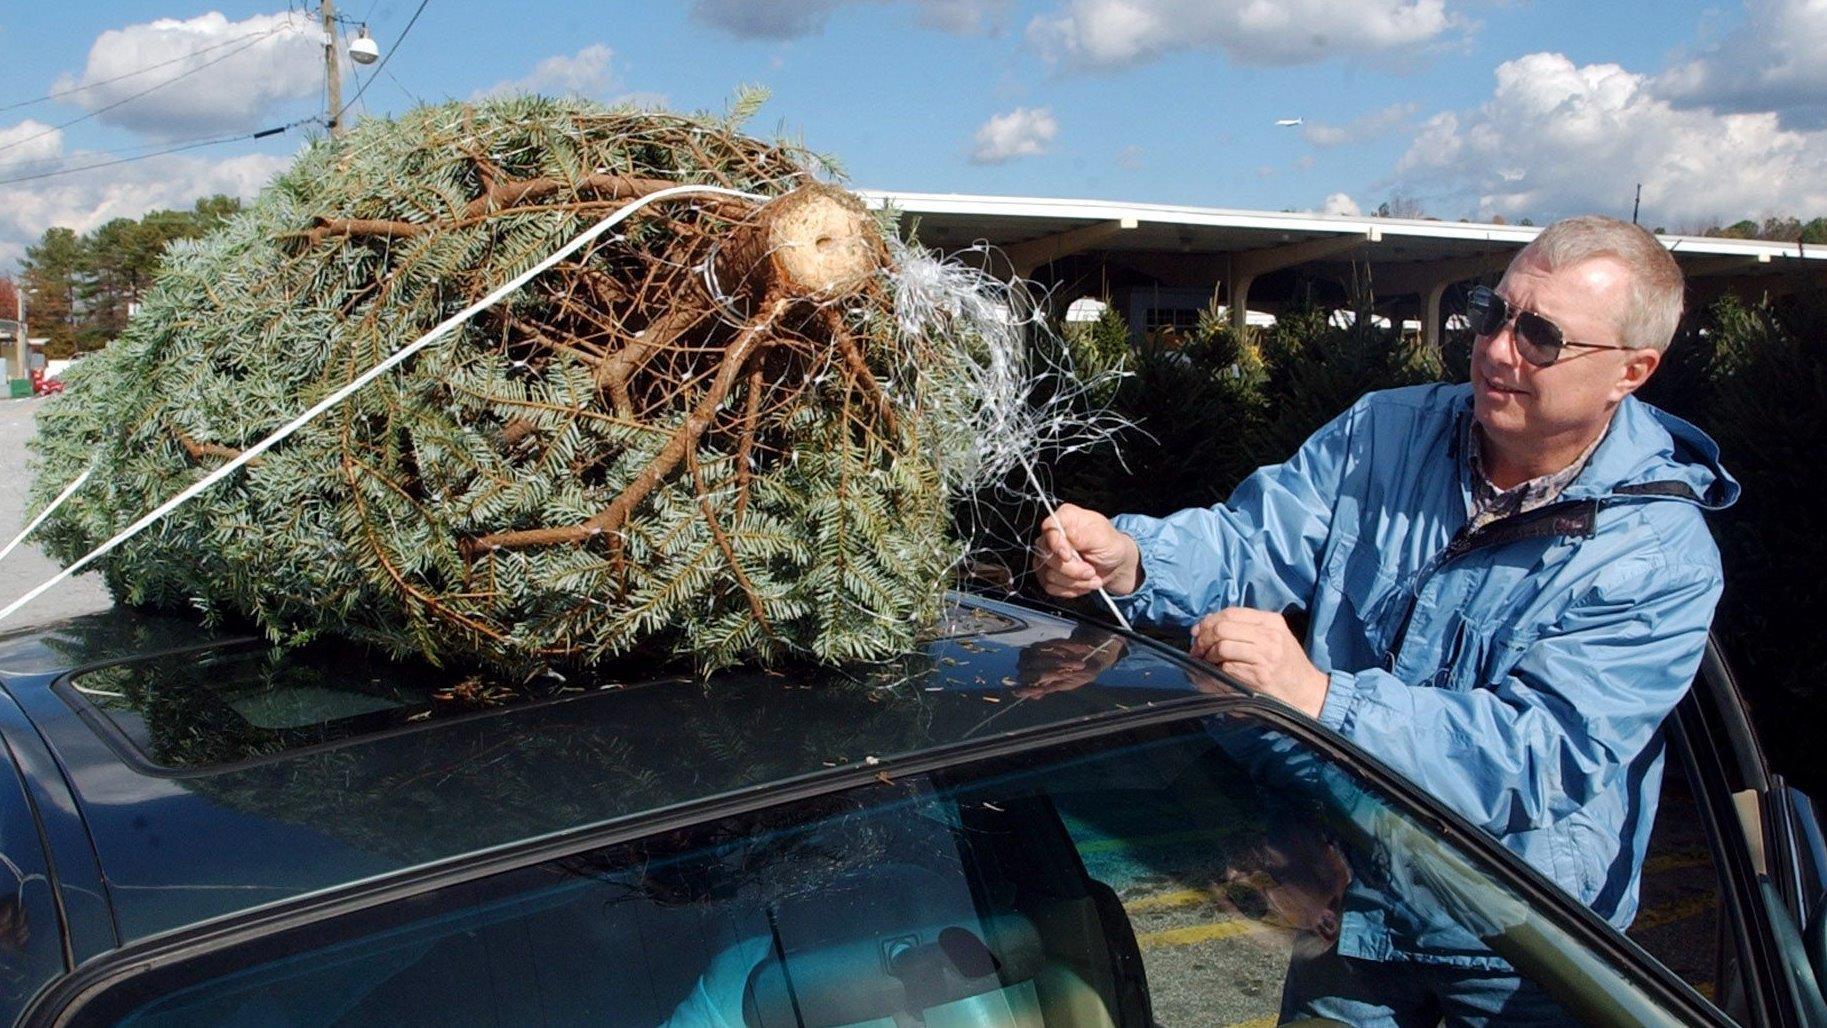 How to make your Christmas tree last all season